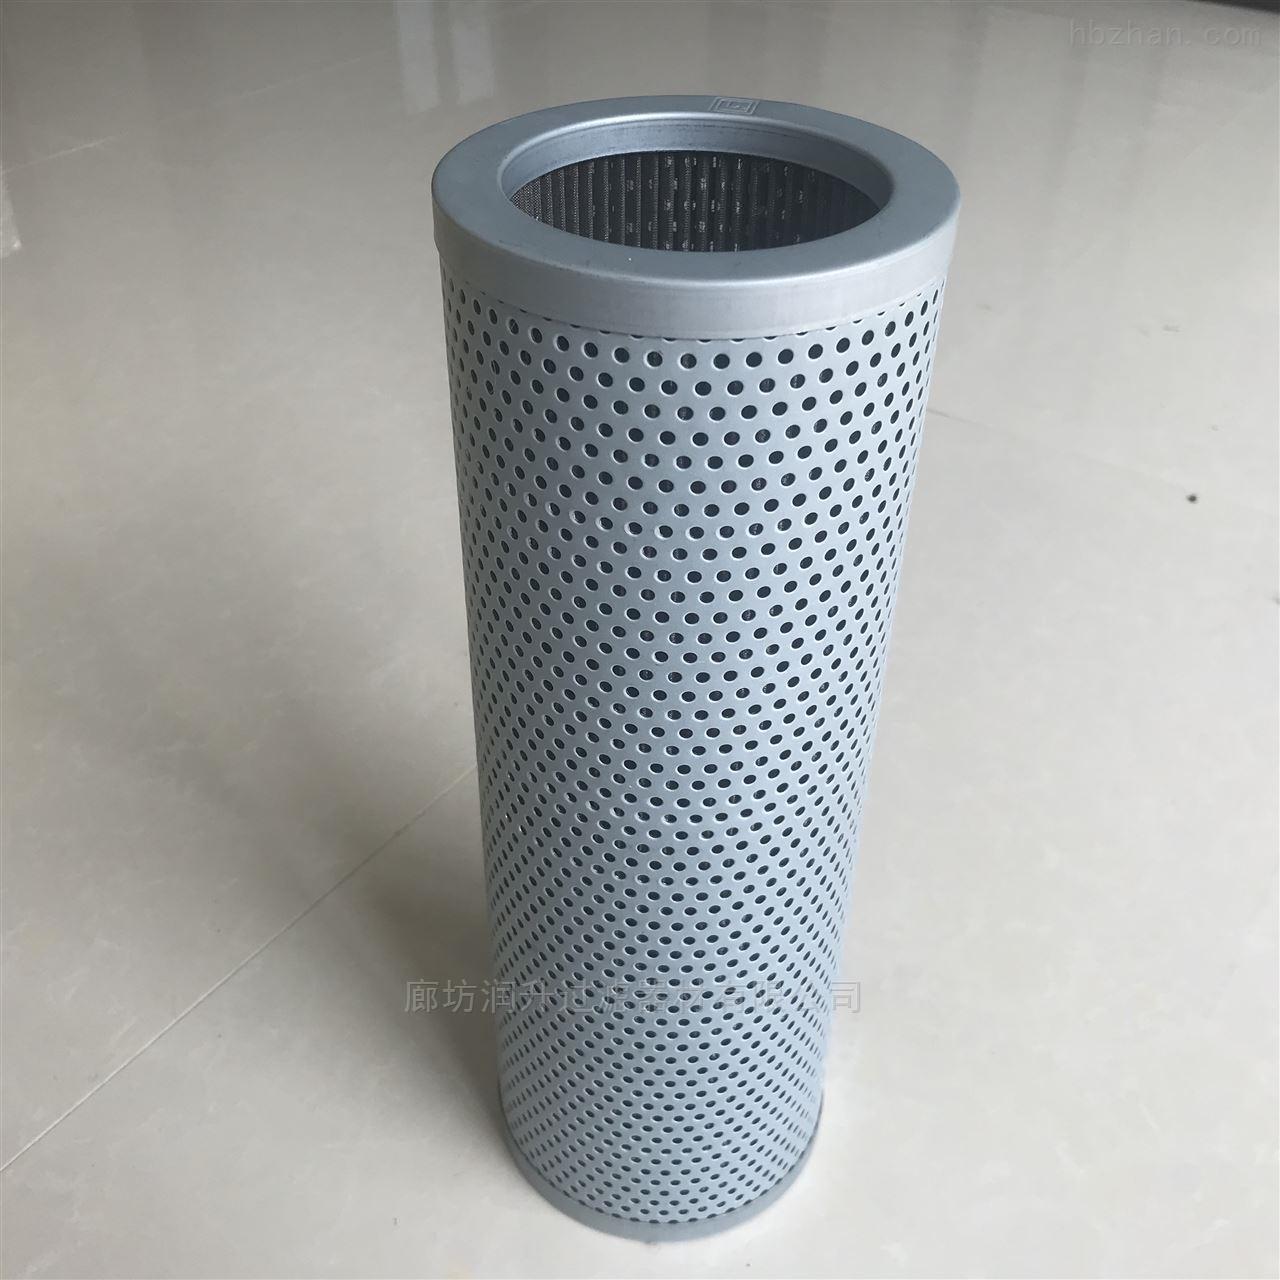 昌平DFM40PP005A01滤芯厂家价格